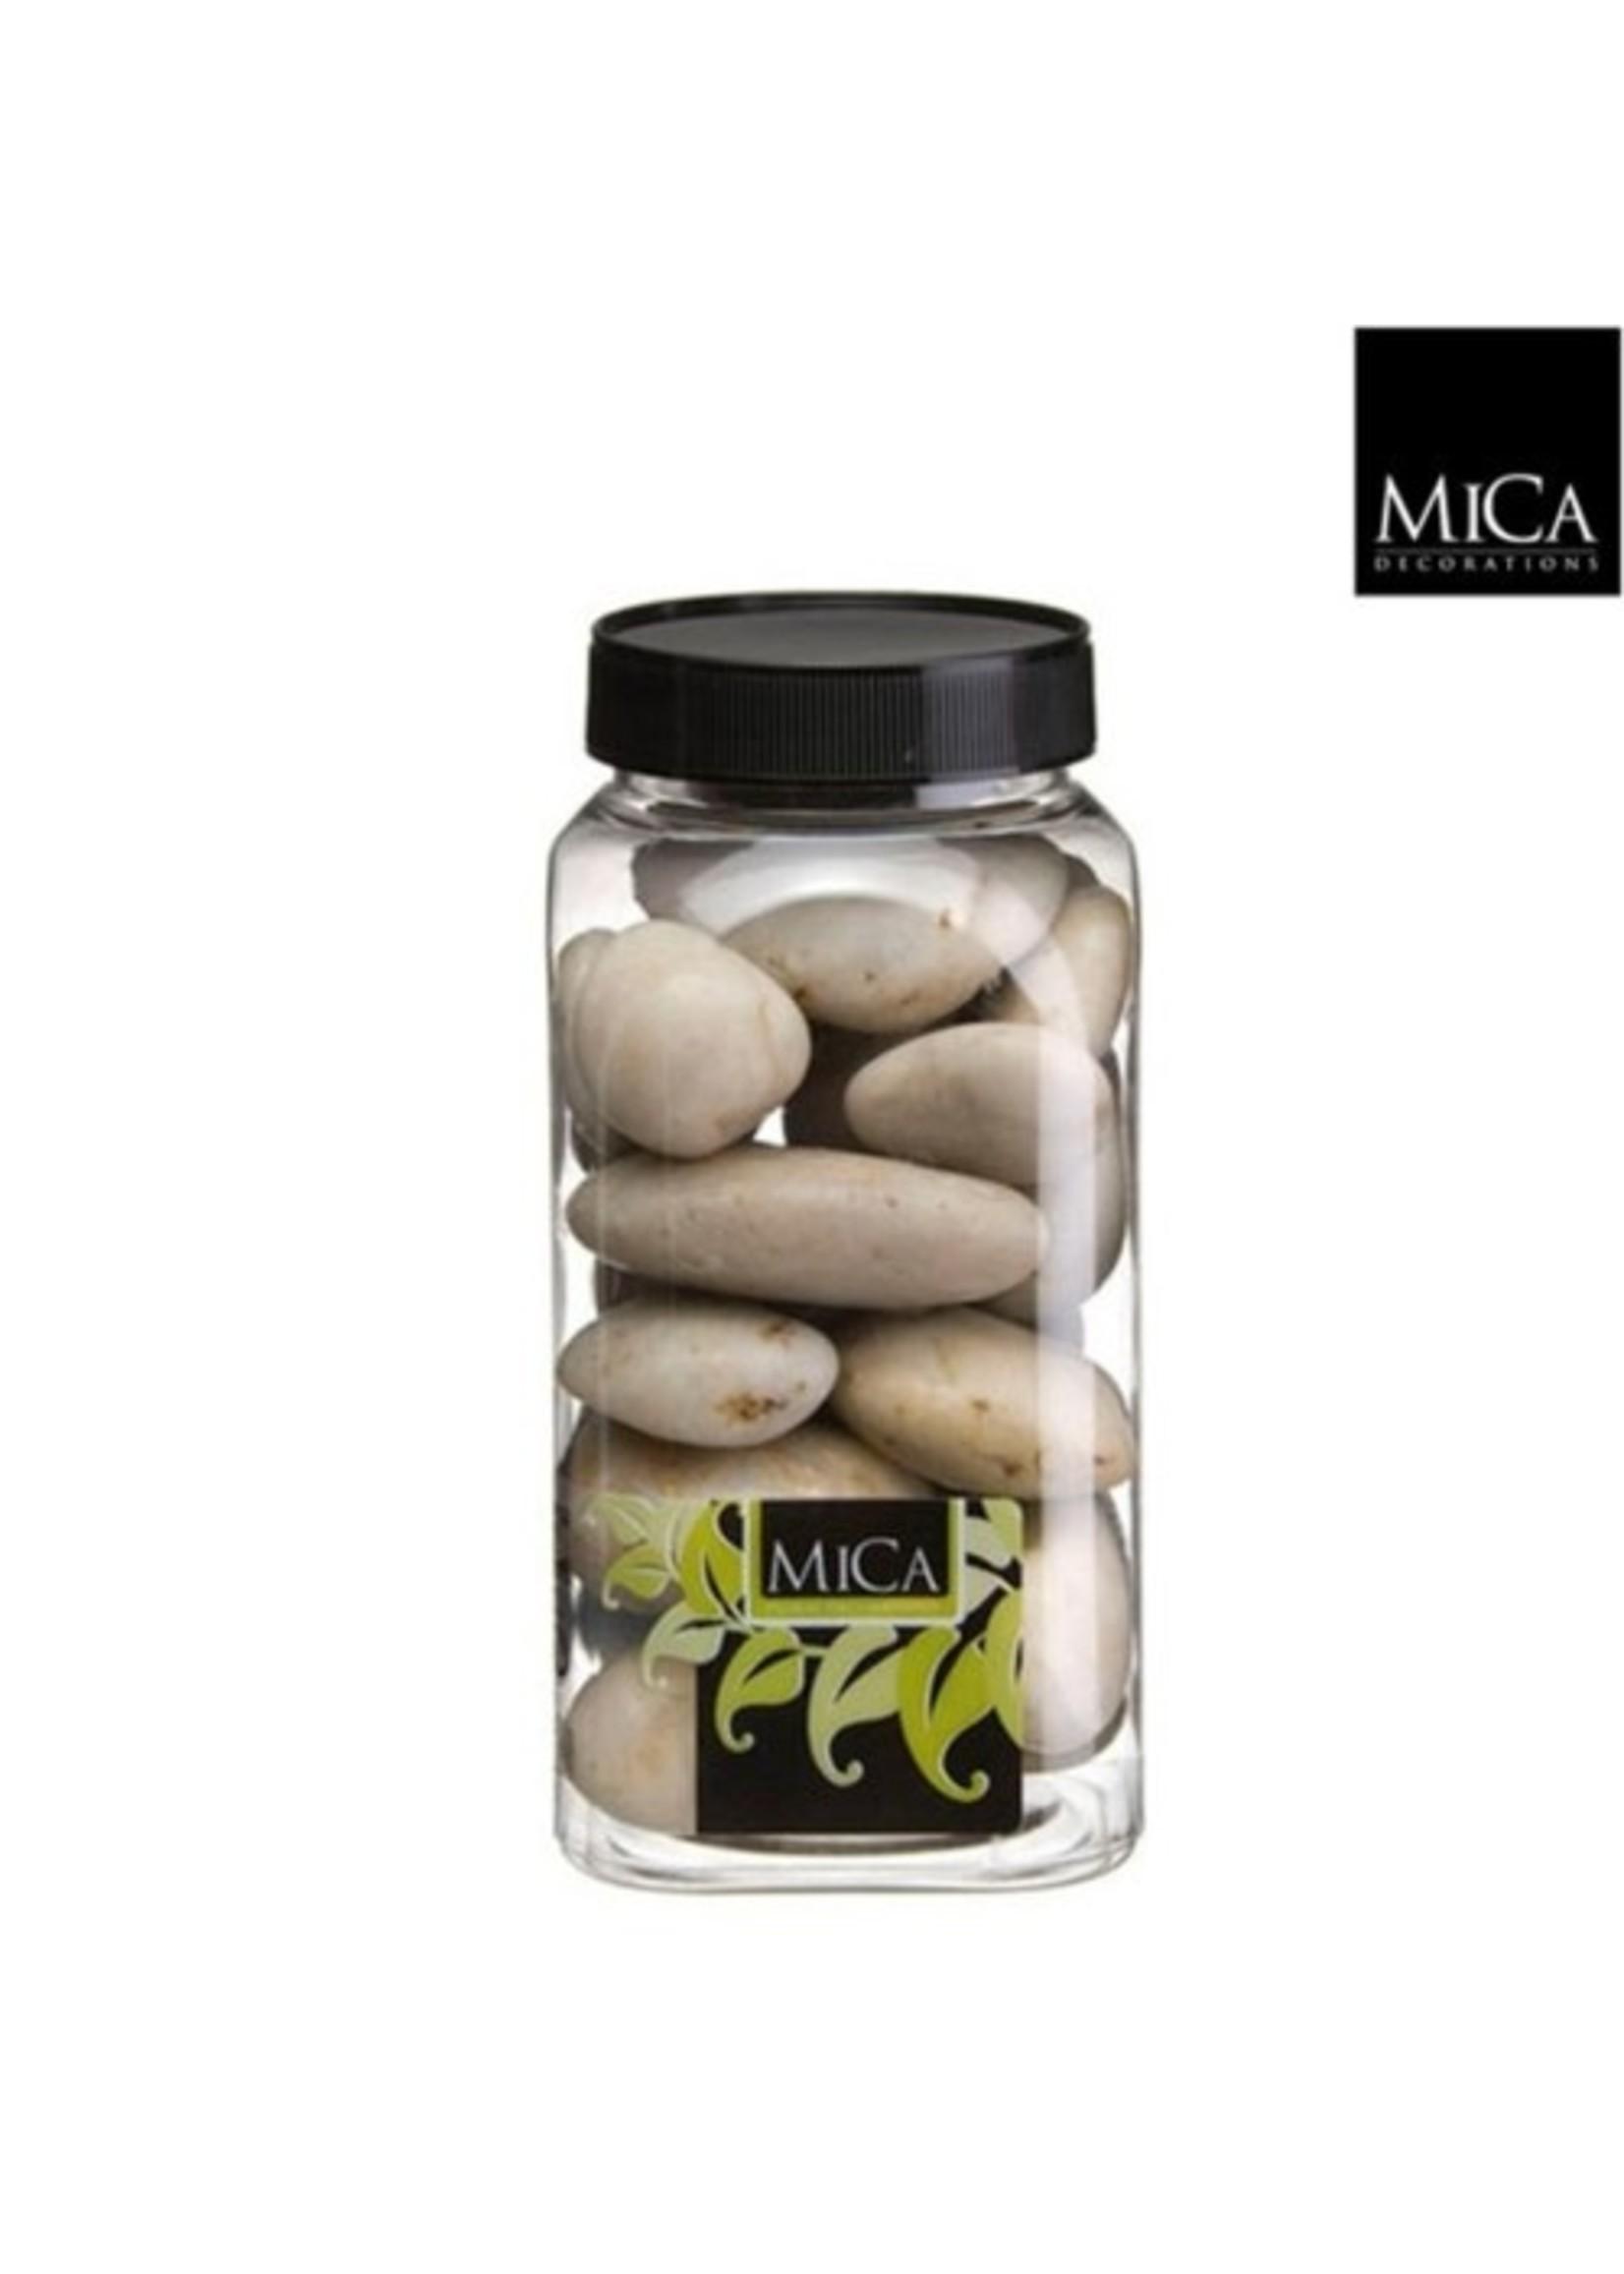 Mica Stones - Beige